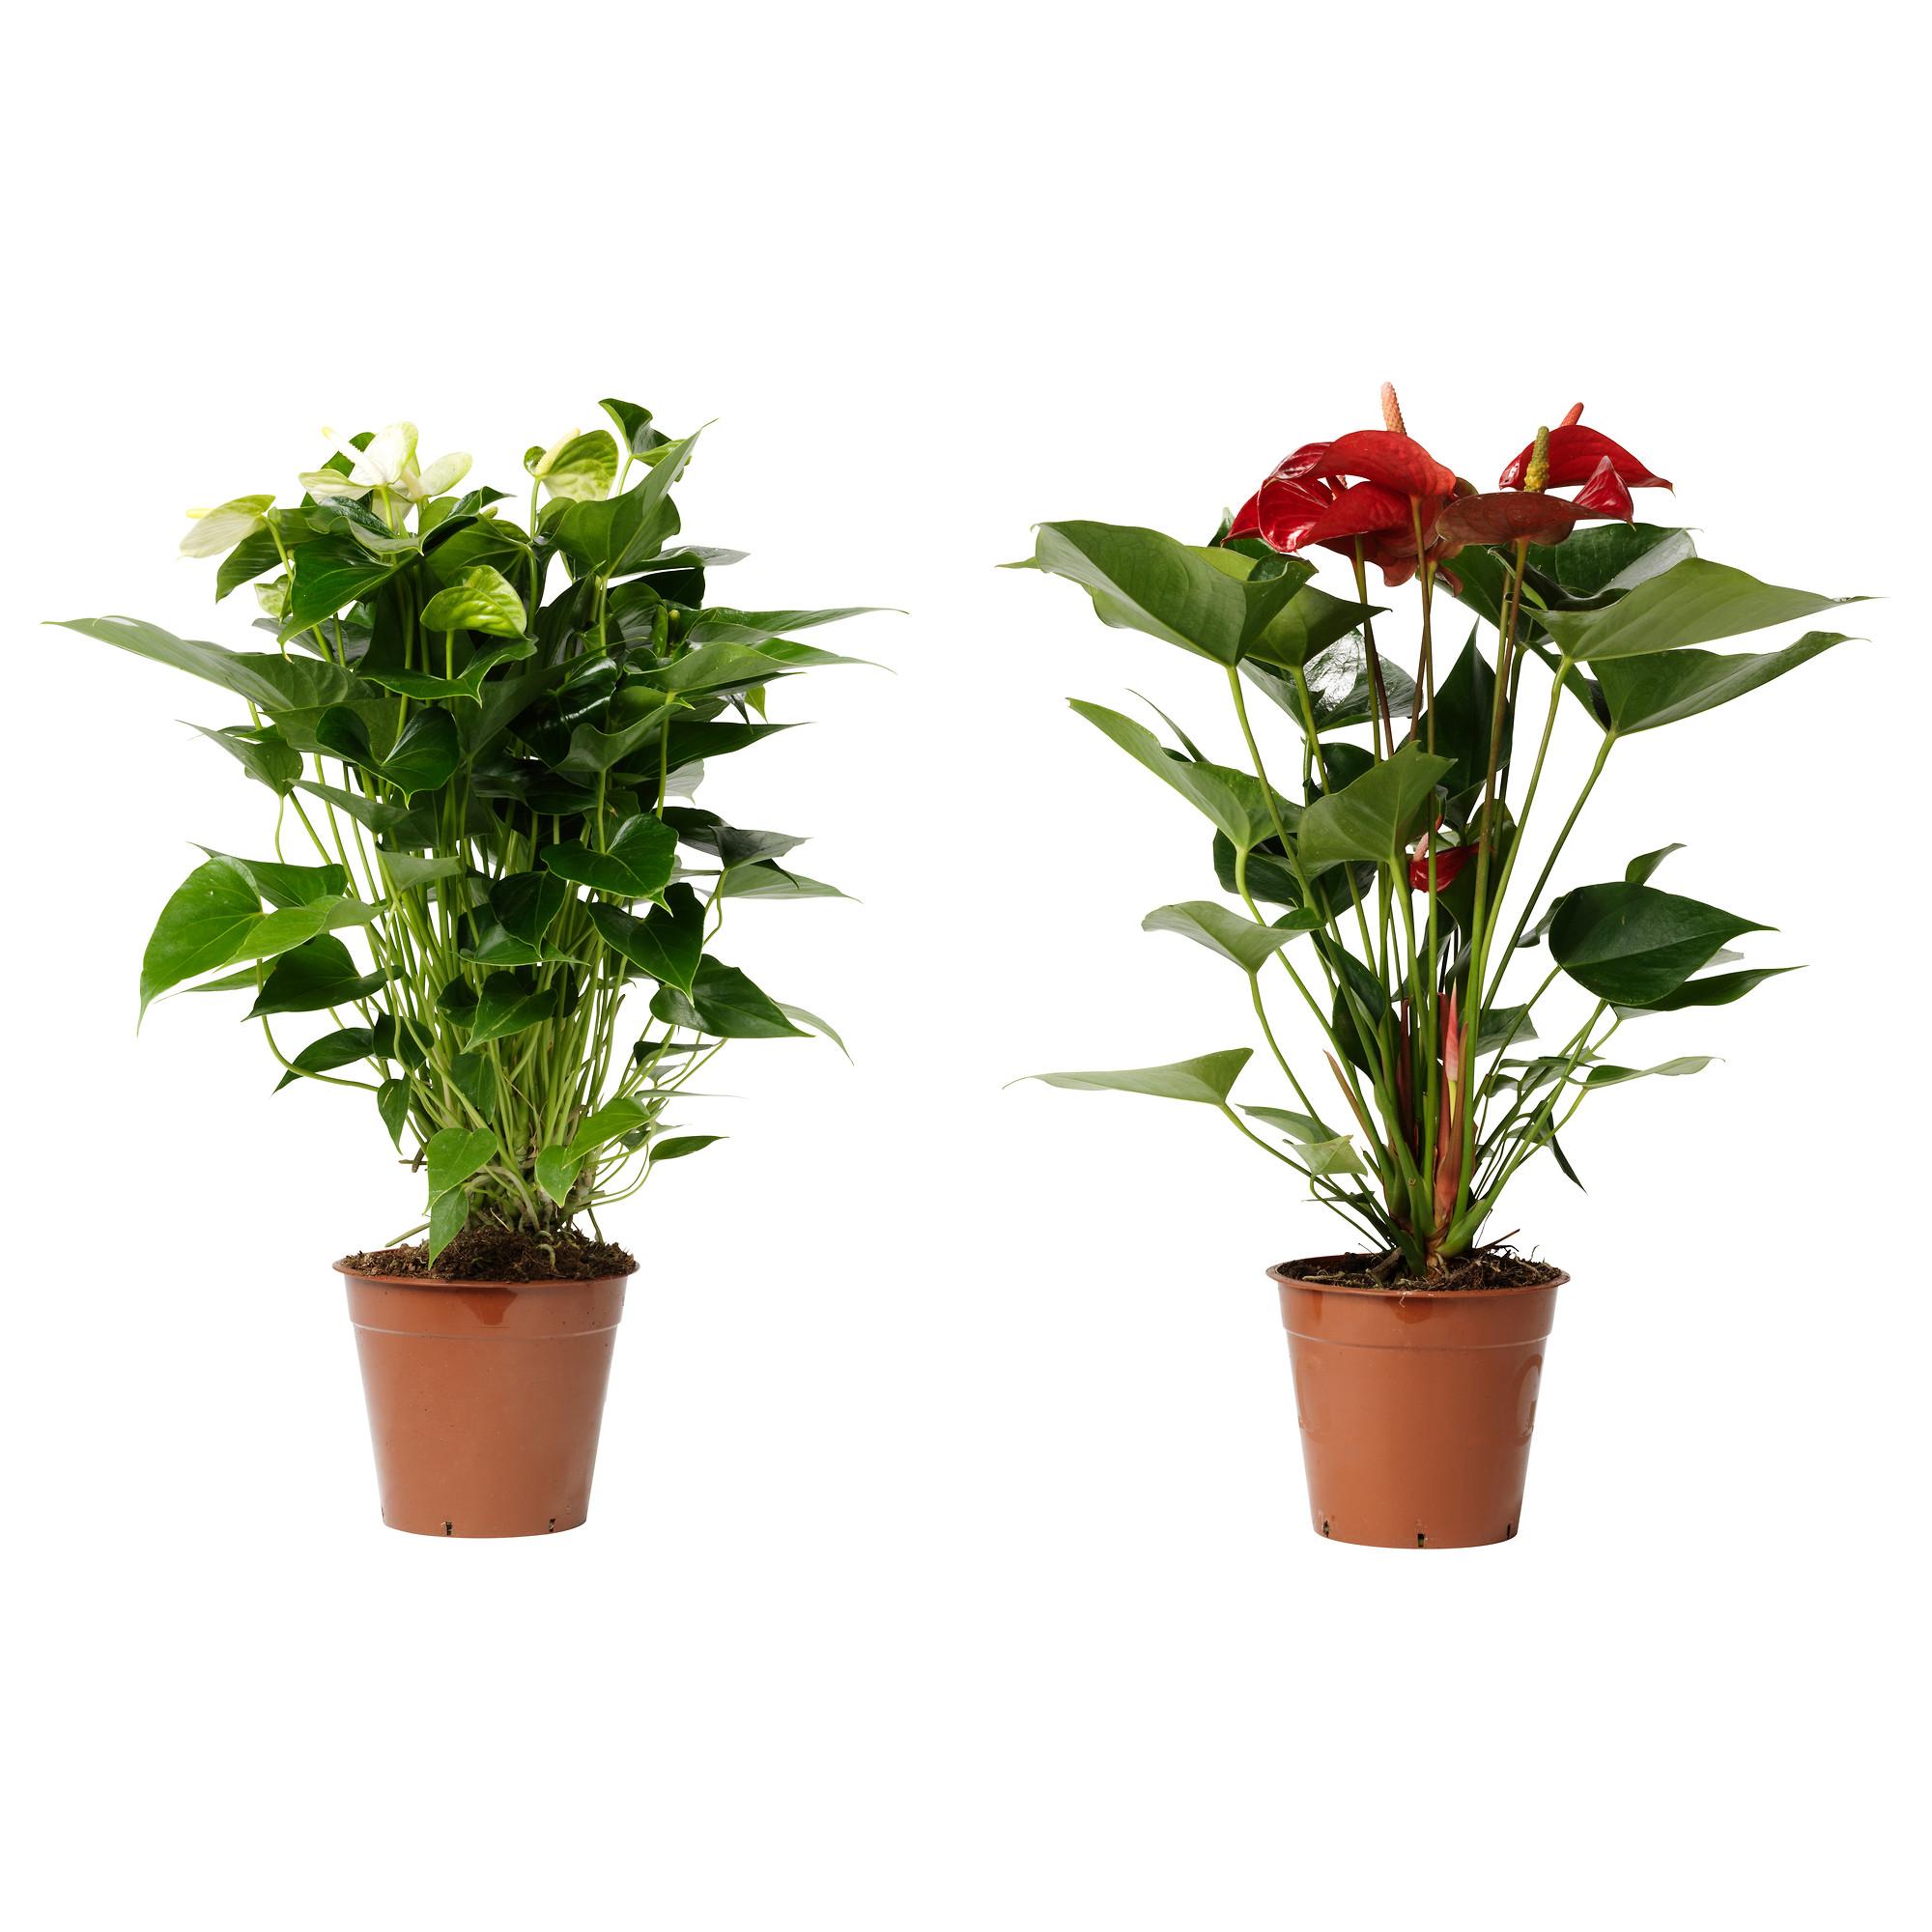 Купить комнатный цветок в минске, корзины цветов